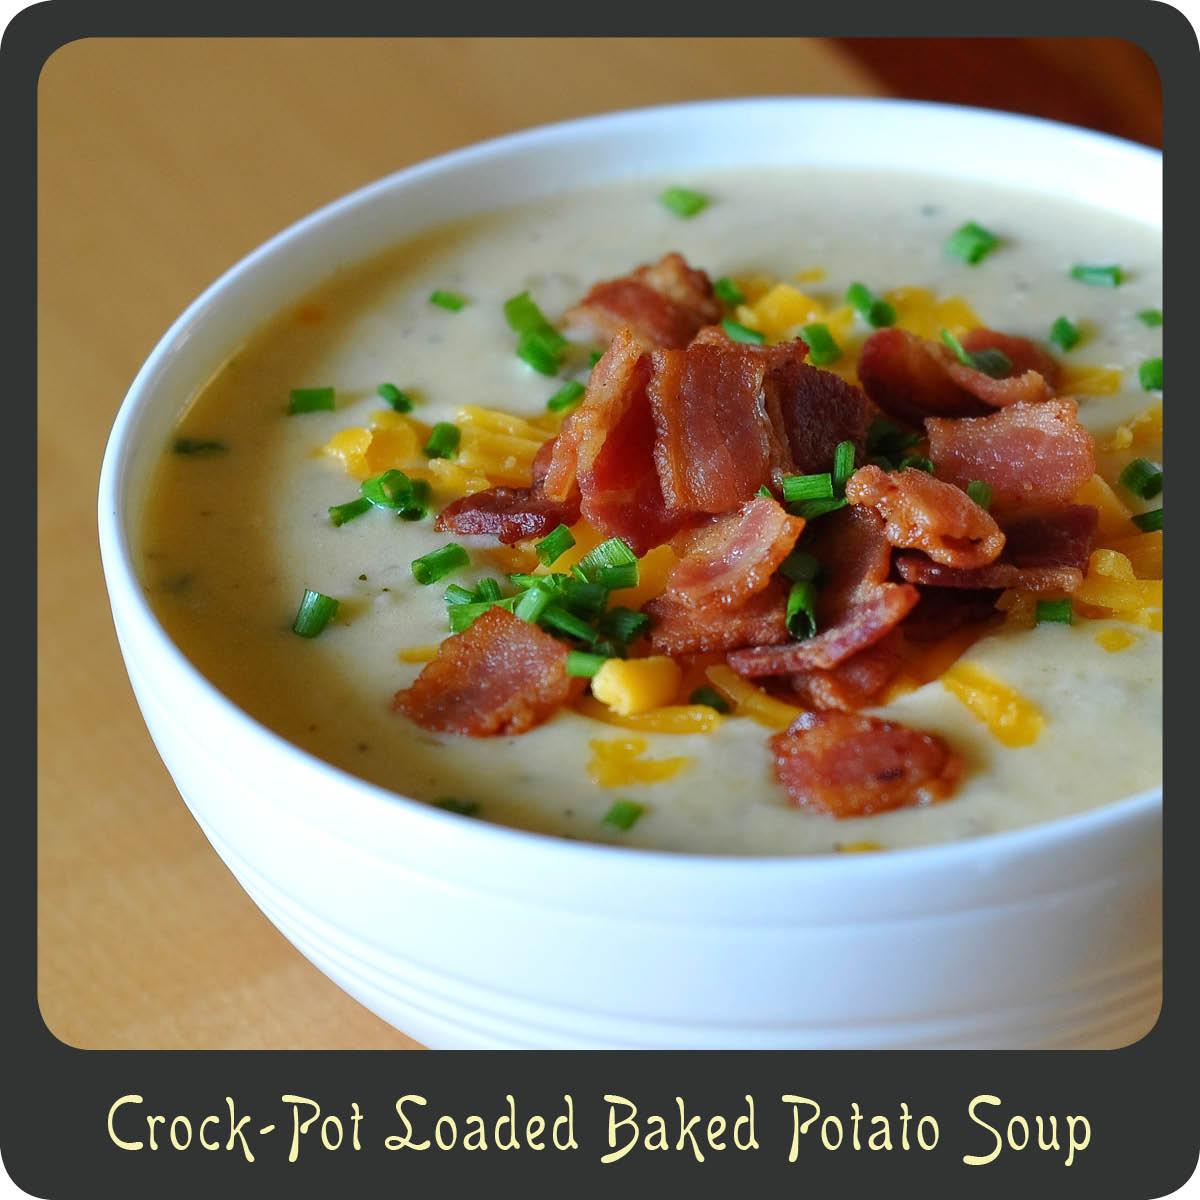 Baked Potato Soup Crock Pot  Recipe—Crock Pot Loaded Baked Potato Soup